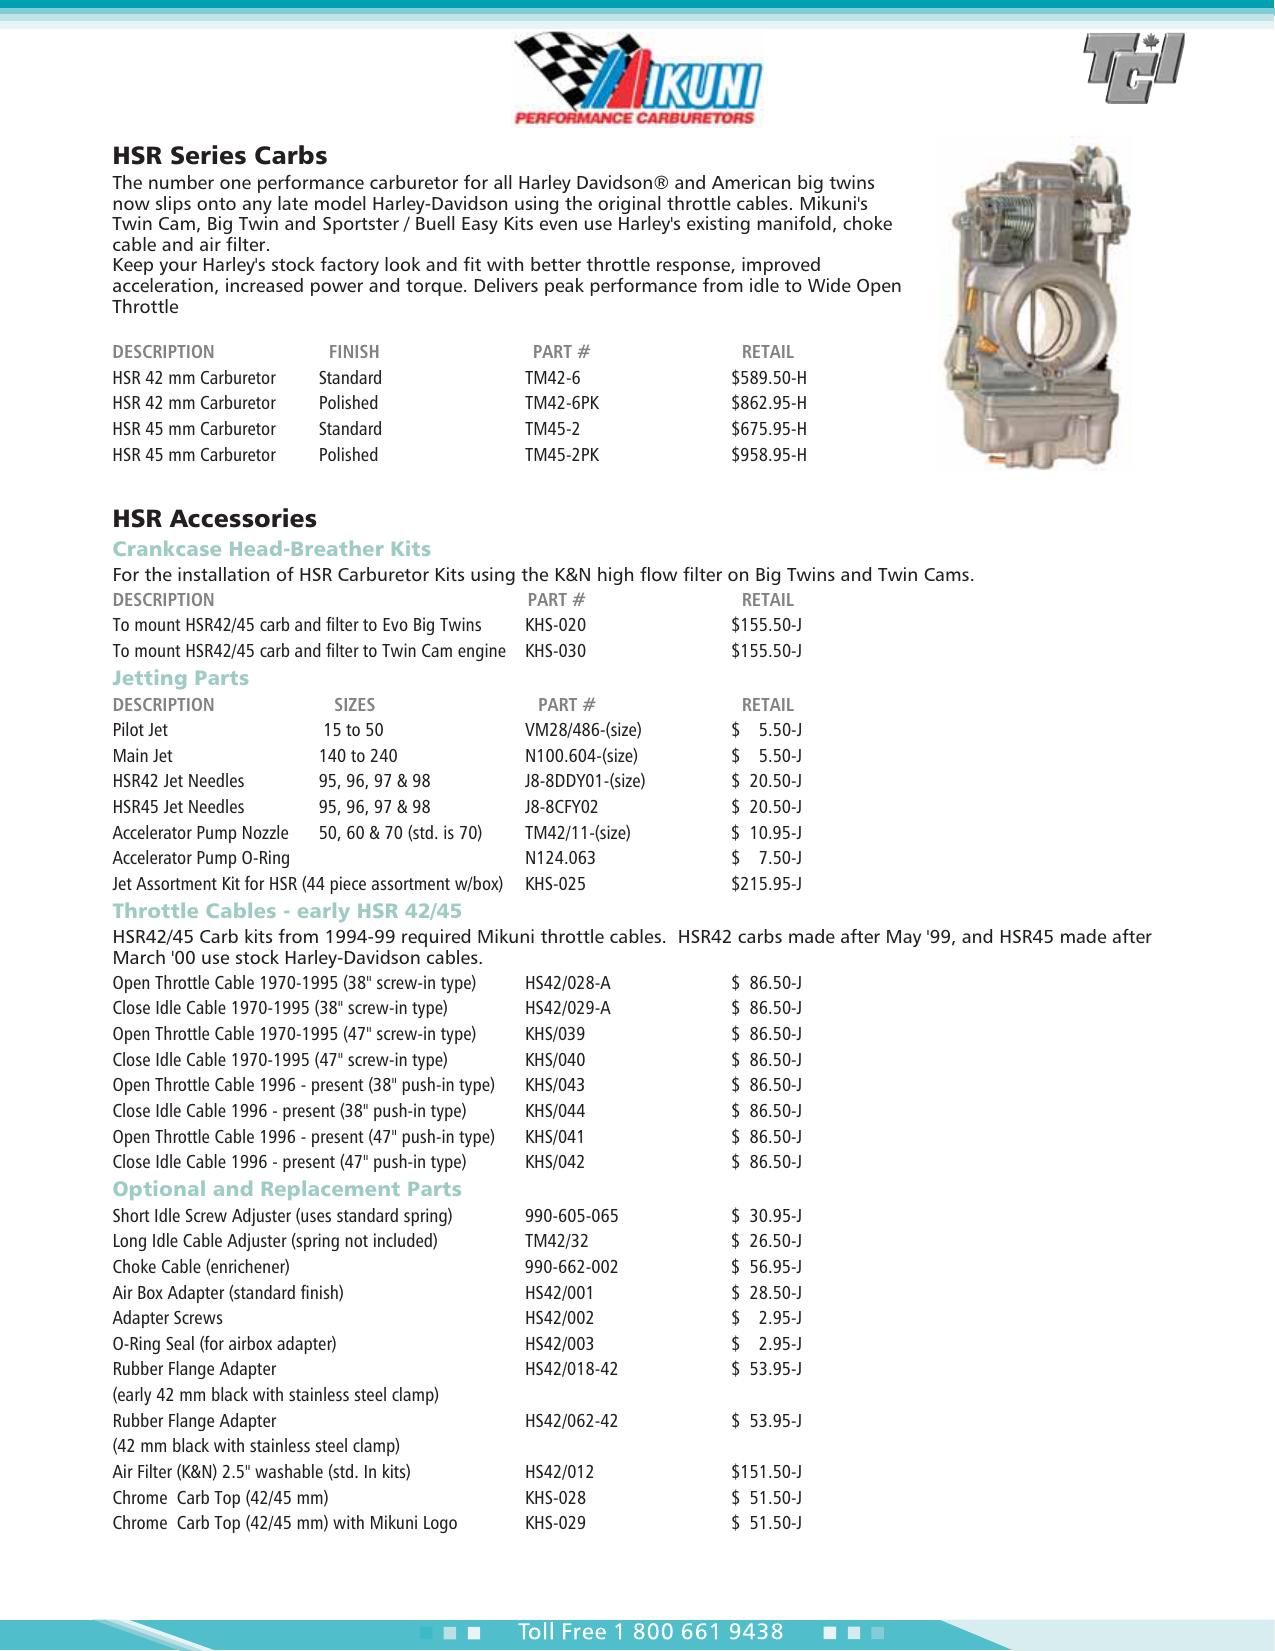 MIKUNI SQUARE PUMP NEEDLE VALVE ARM SPRING 115 GRAM PART# 730-03027 NEW